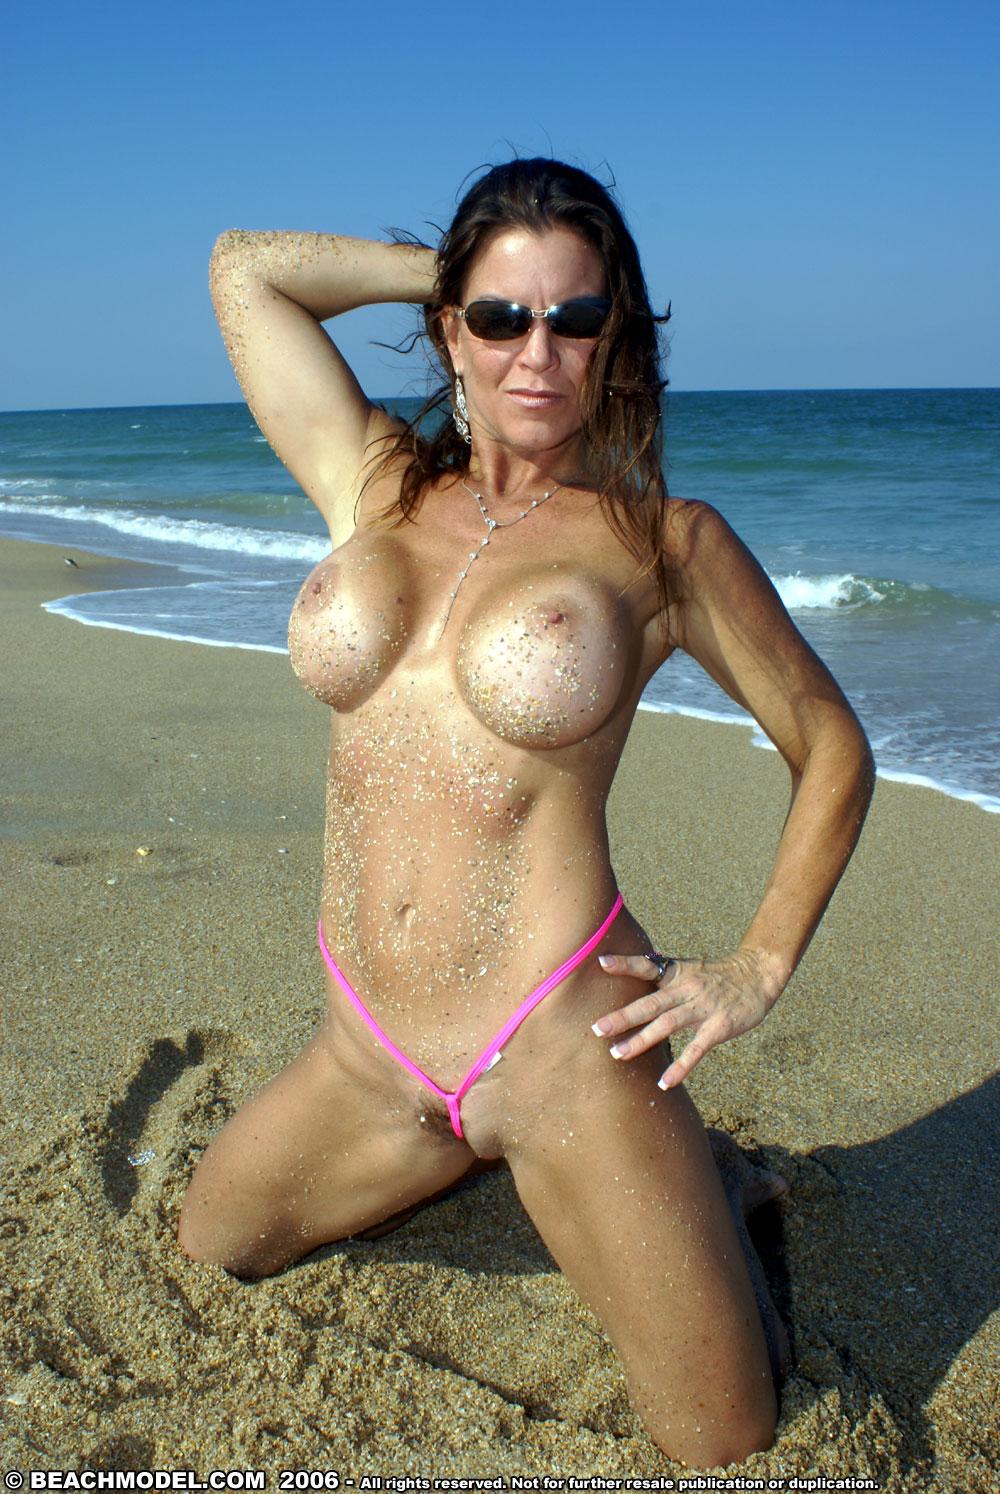 Porn Milf Con Vestido Recopilacion beach model milf thong milf thong 274579 - good sex porn